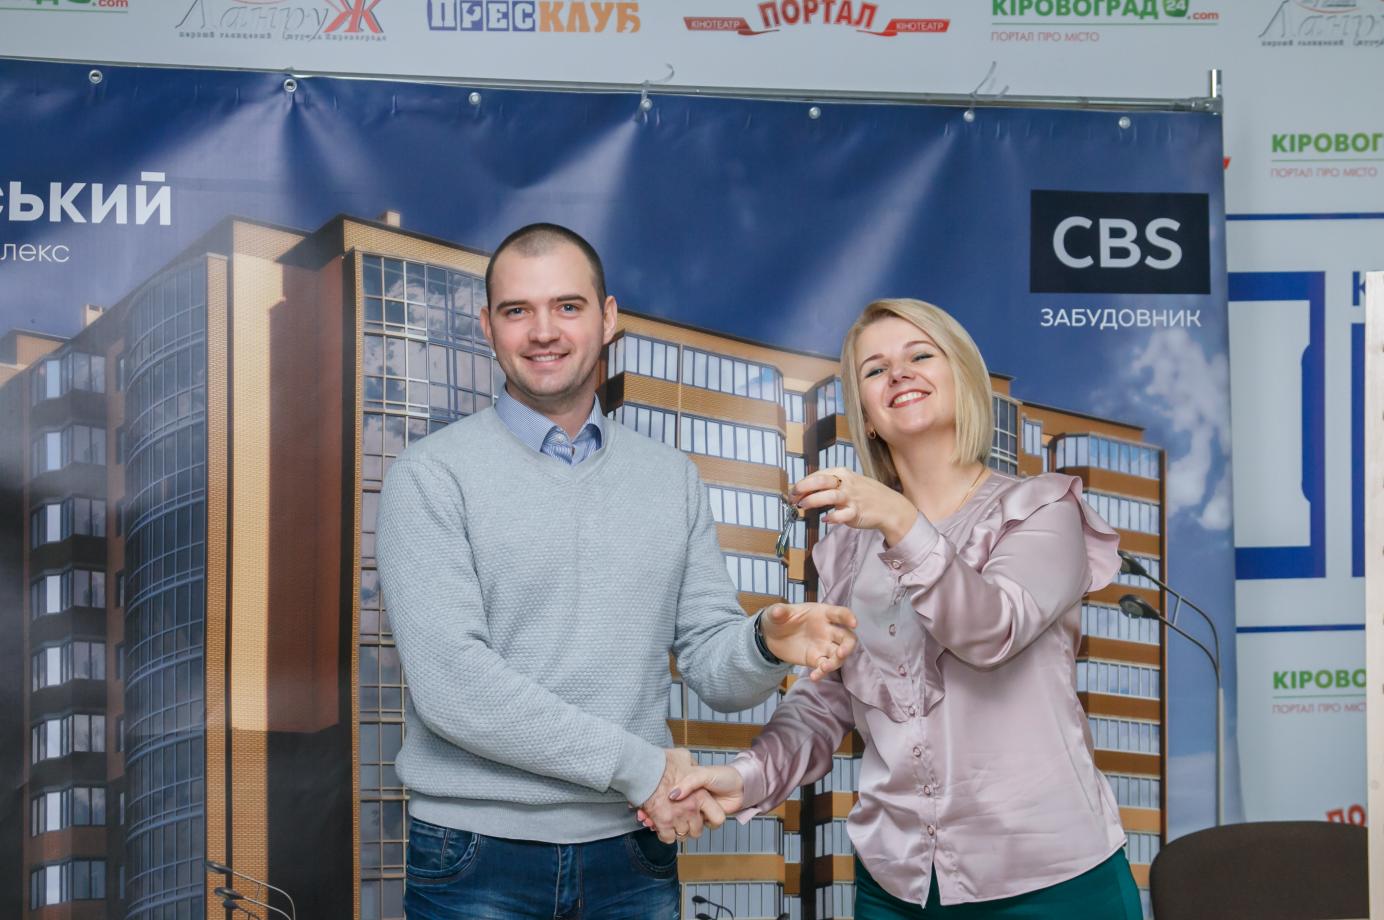 У Кропивницькому щасливі власники квартир другої черги житлового комплексу «Ковалівський» отримали свої ключі від забудовника «CBS Холдинг», фото-4